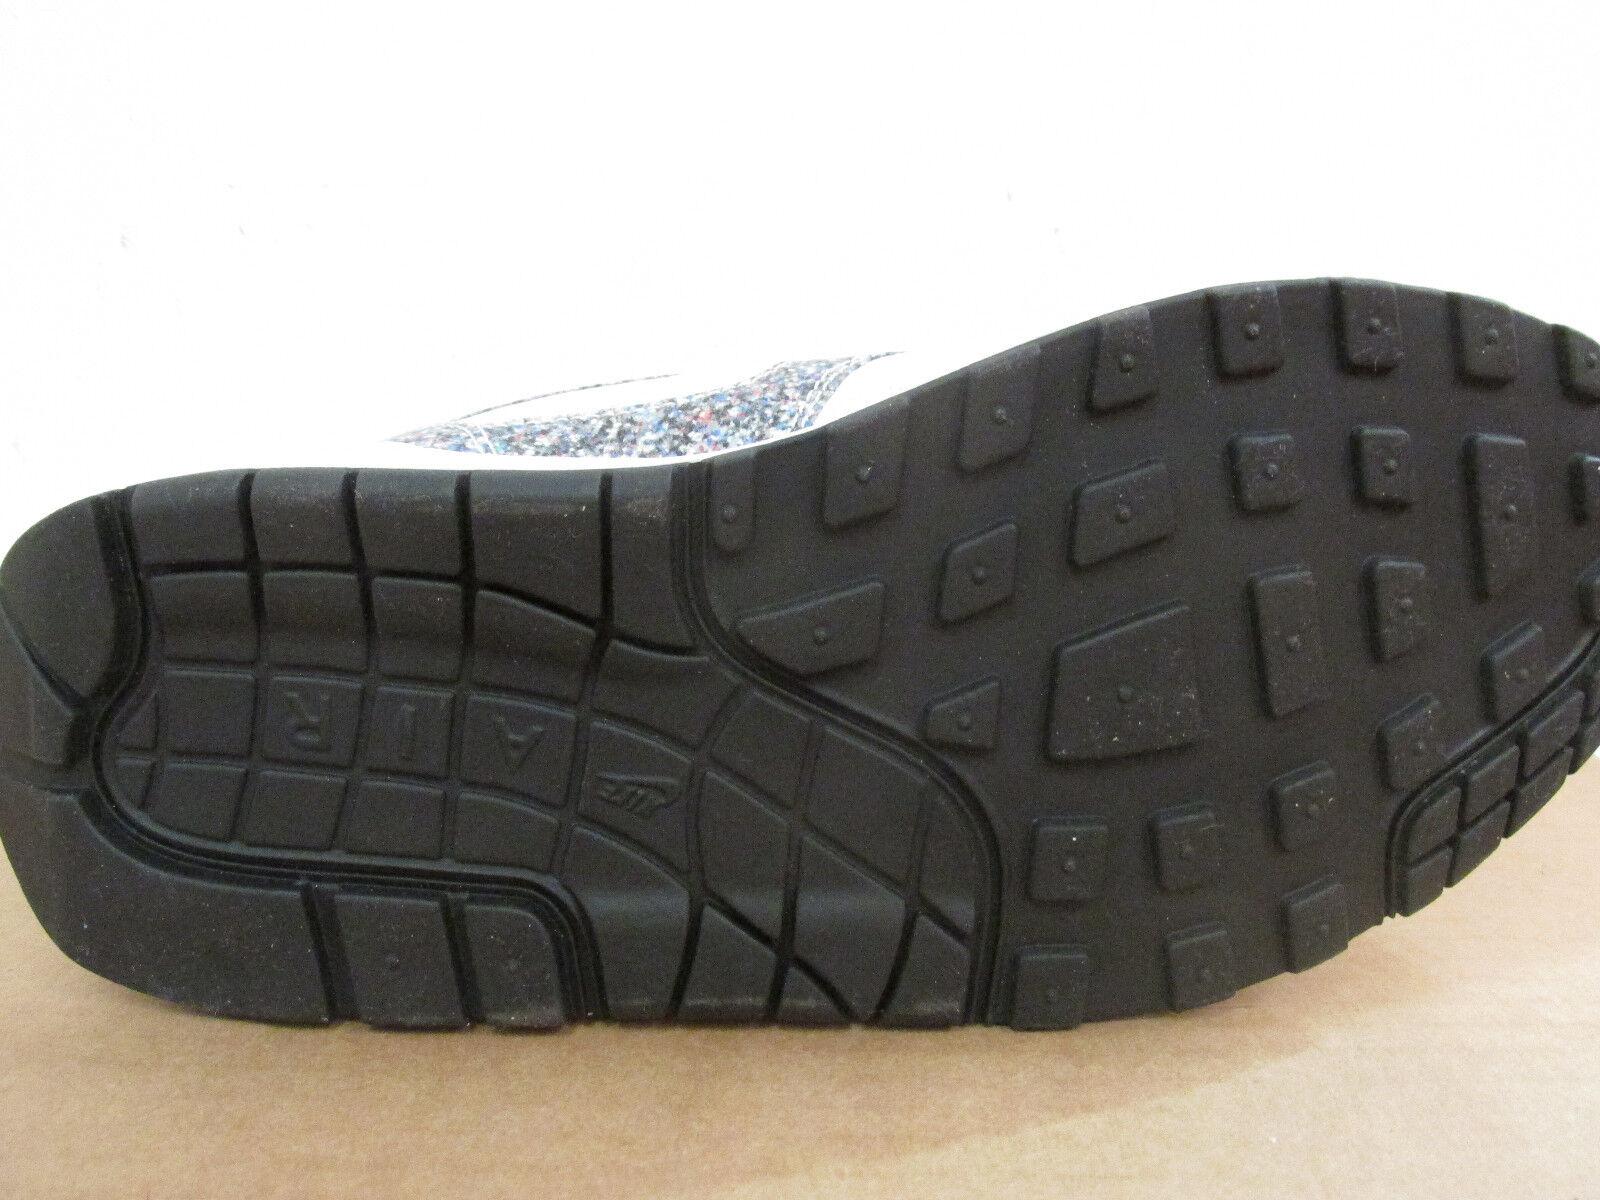 Nike Damen Air Air Air Max 1 Se Laufschuhe 881101 100 Sneakers Schuhe Ausverkauf b40d27